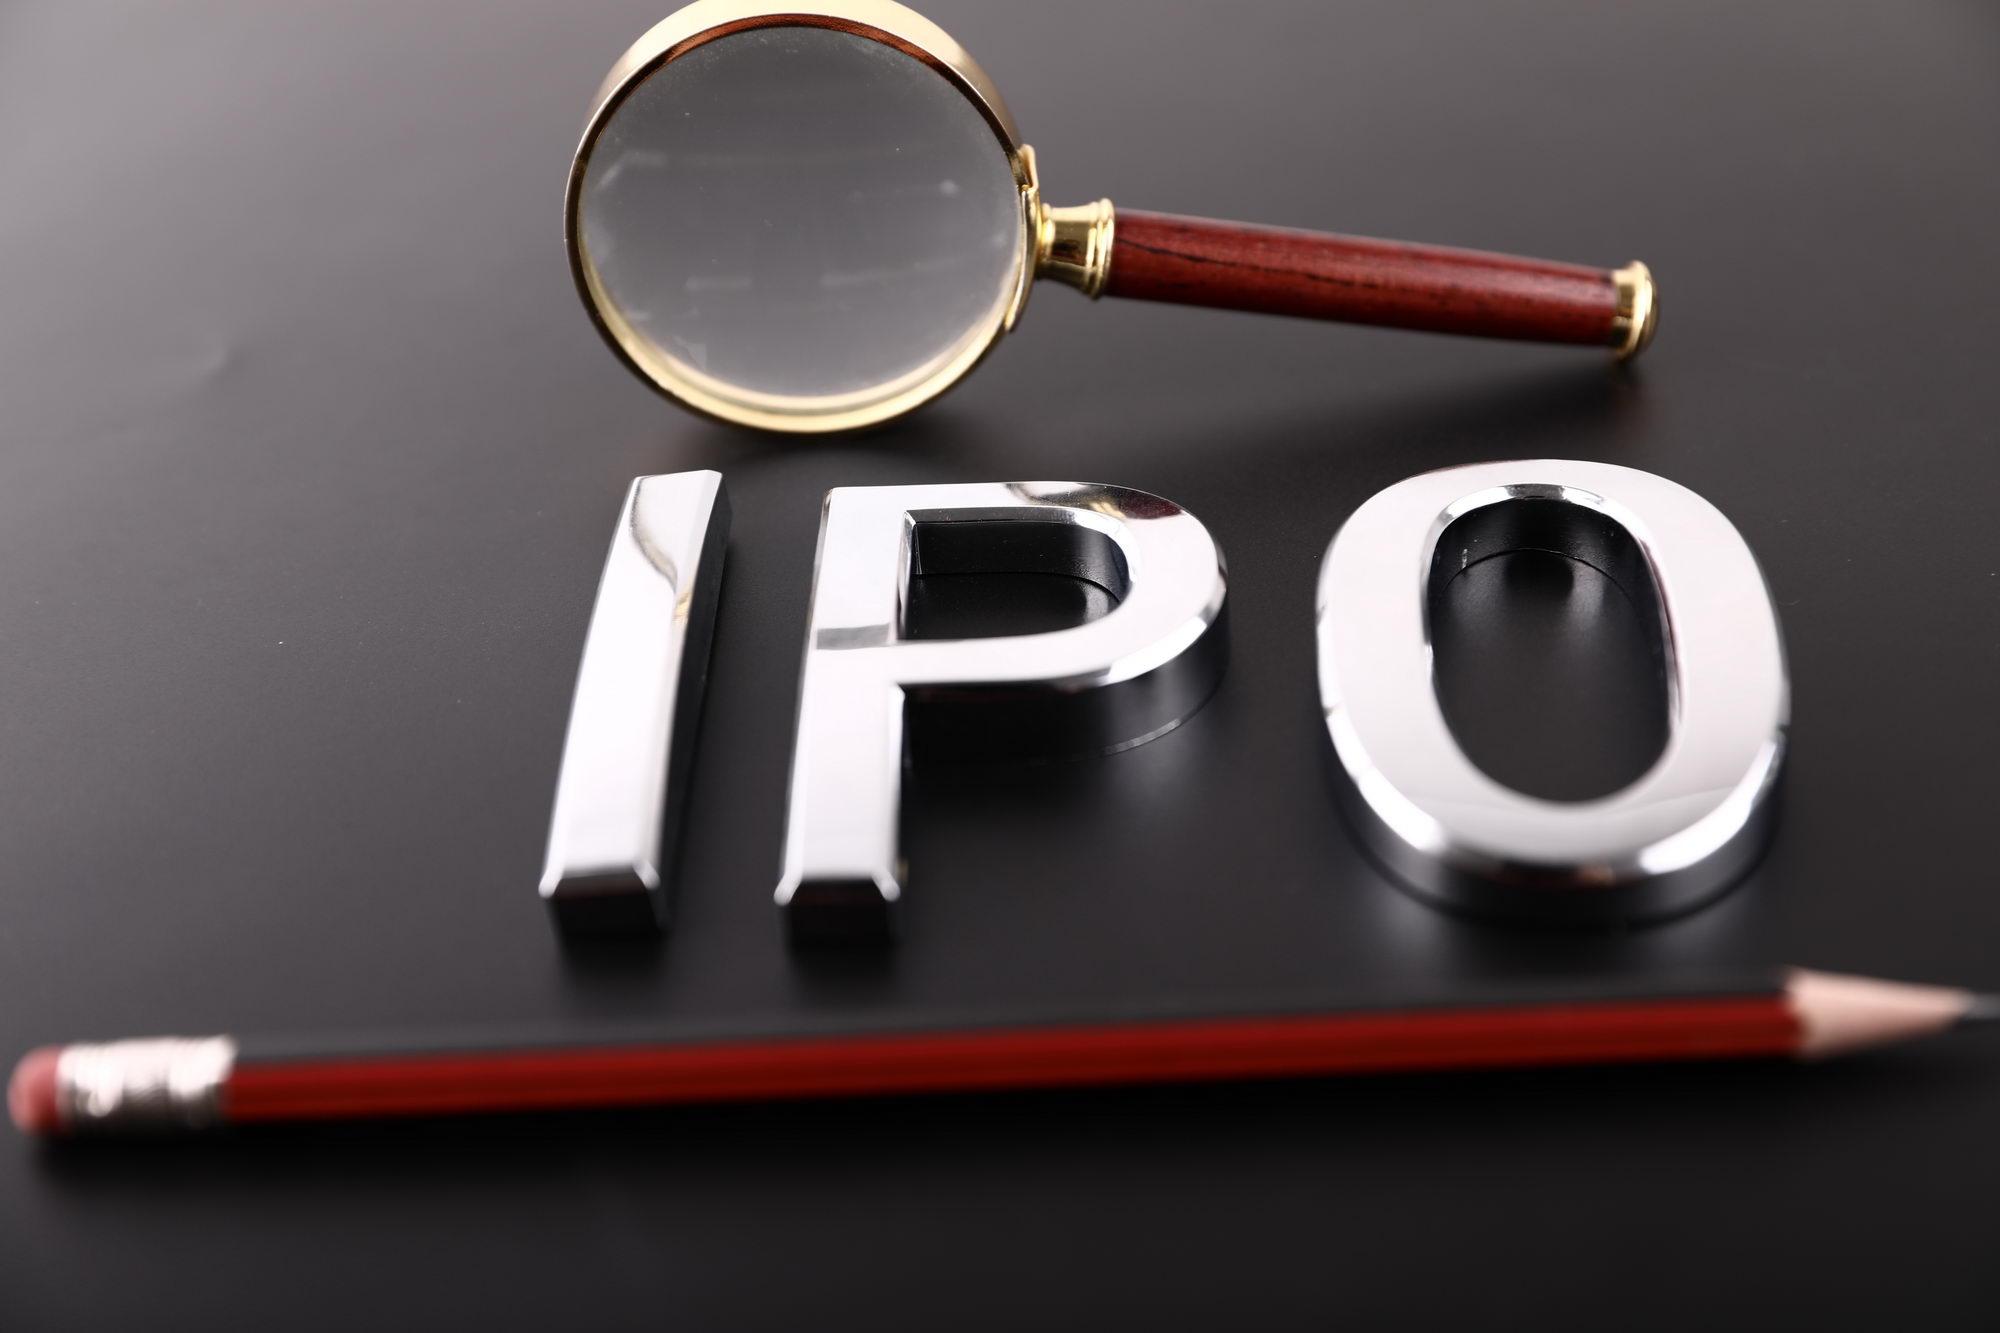 不管水滴IPO与否,平衡好生意与公益都至关重要!